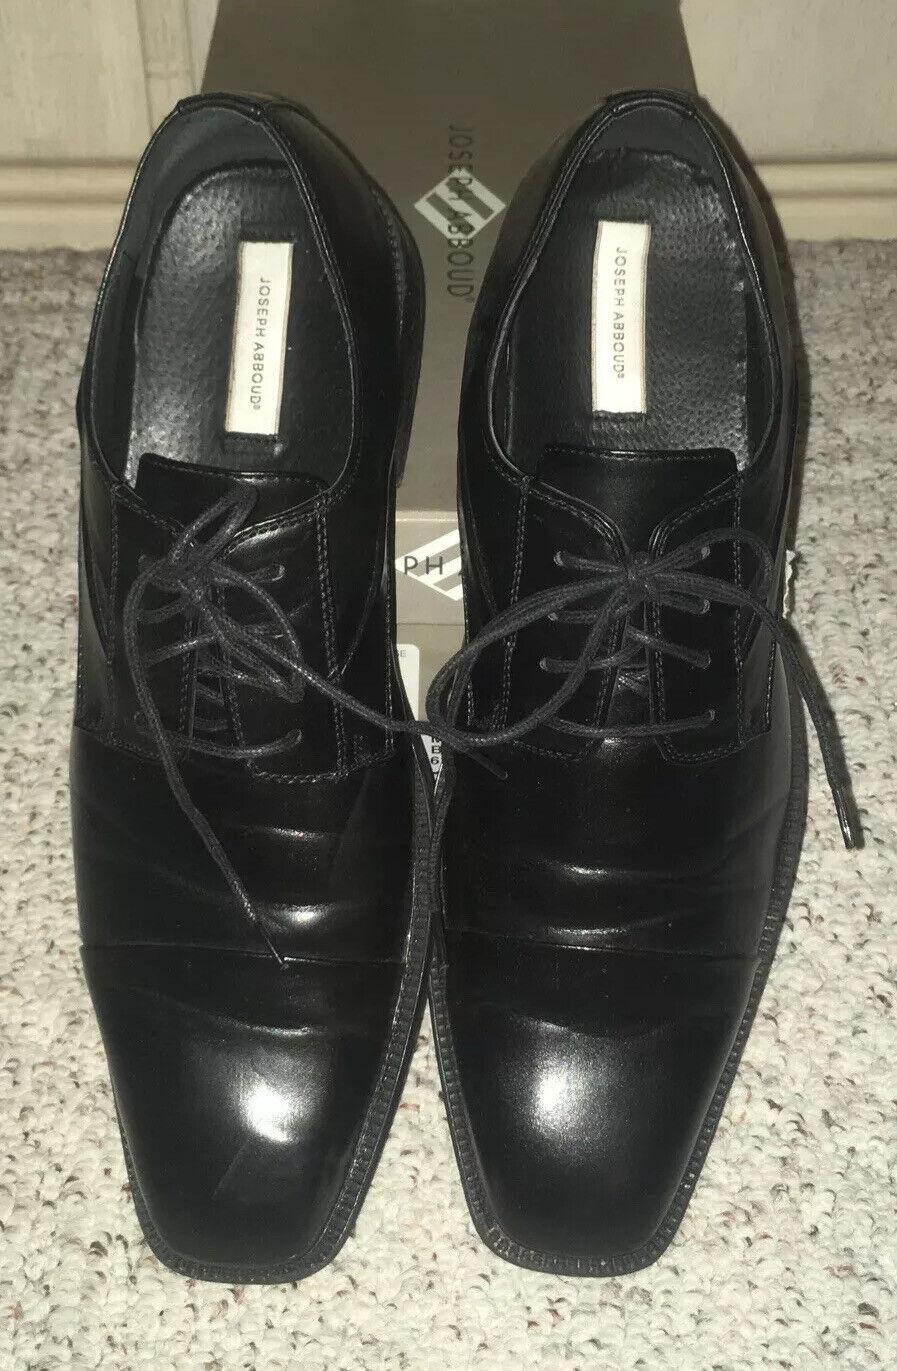 Joseph Abboud Mirage Men's Oxford Lace Up Dress Shoes Black Size 12 M with Box